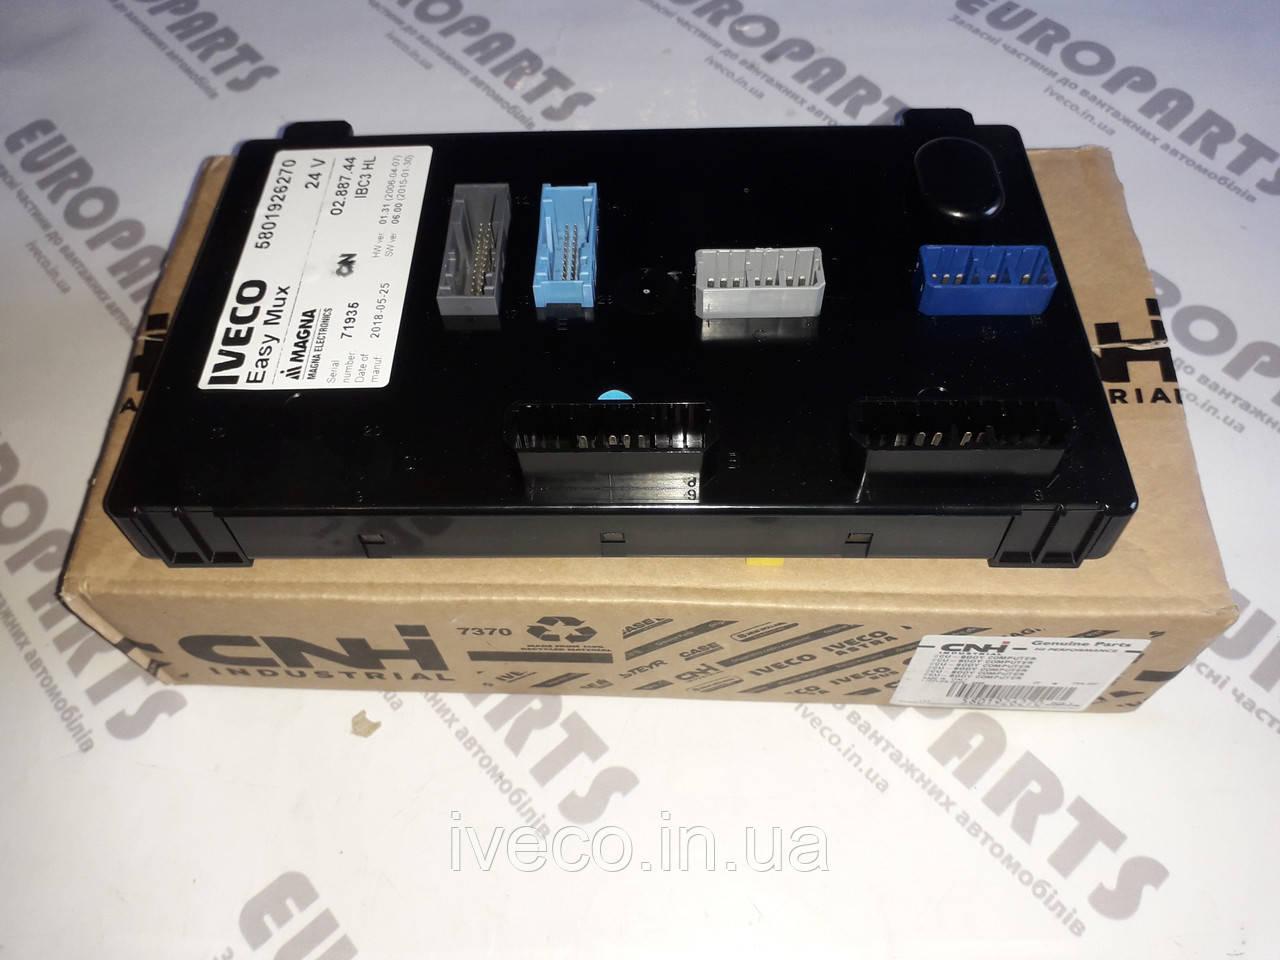 Блок управления Боди компьютер ECU BODY COMPUTER Iveco Trakker Stralis Ивеко 5801926270 504300392